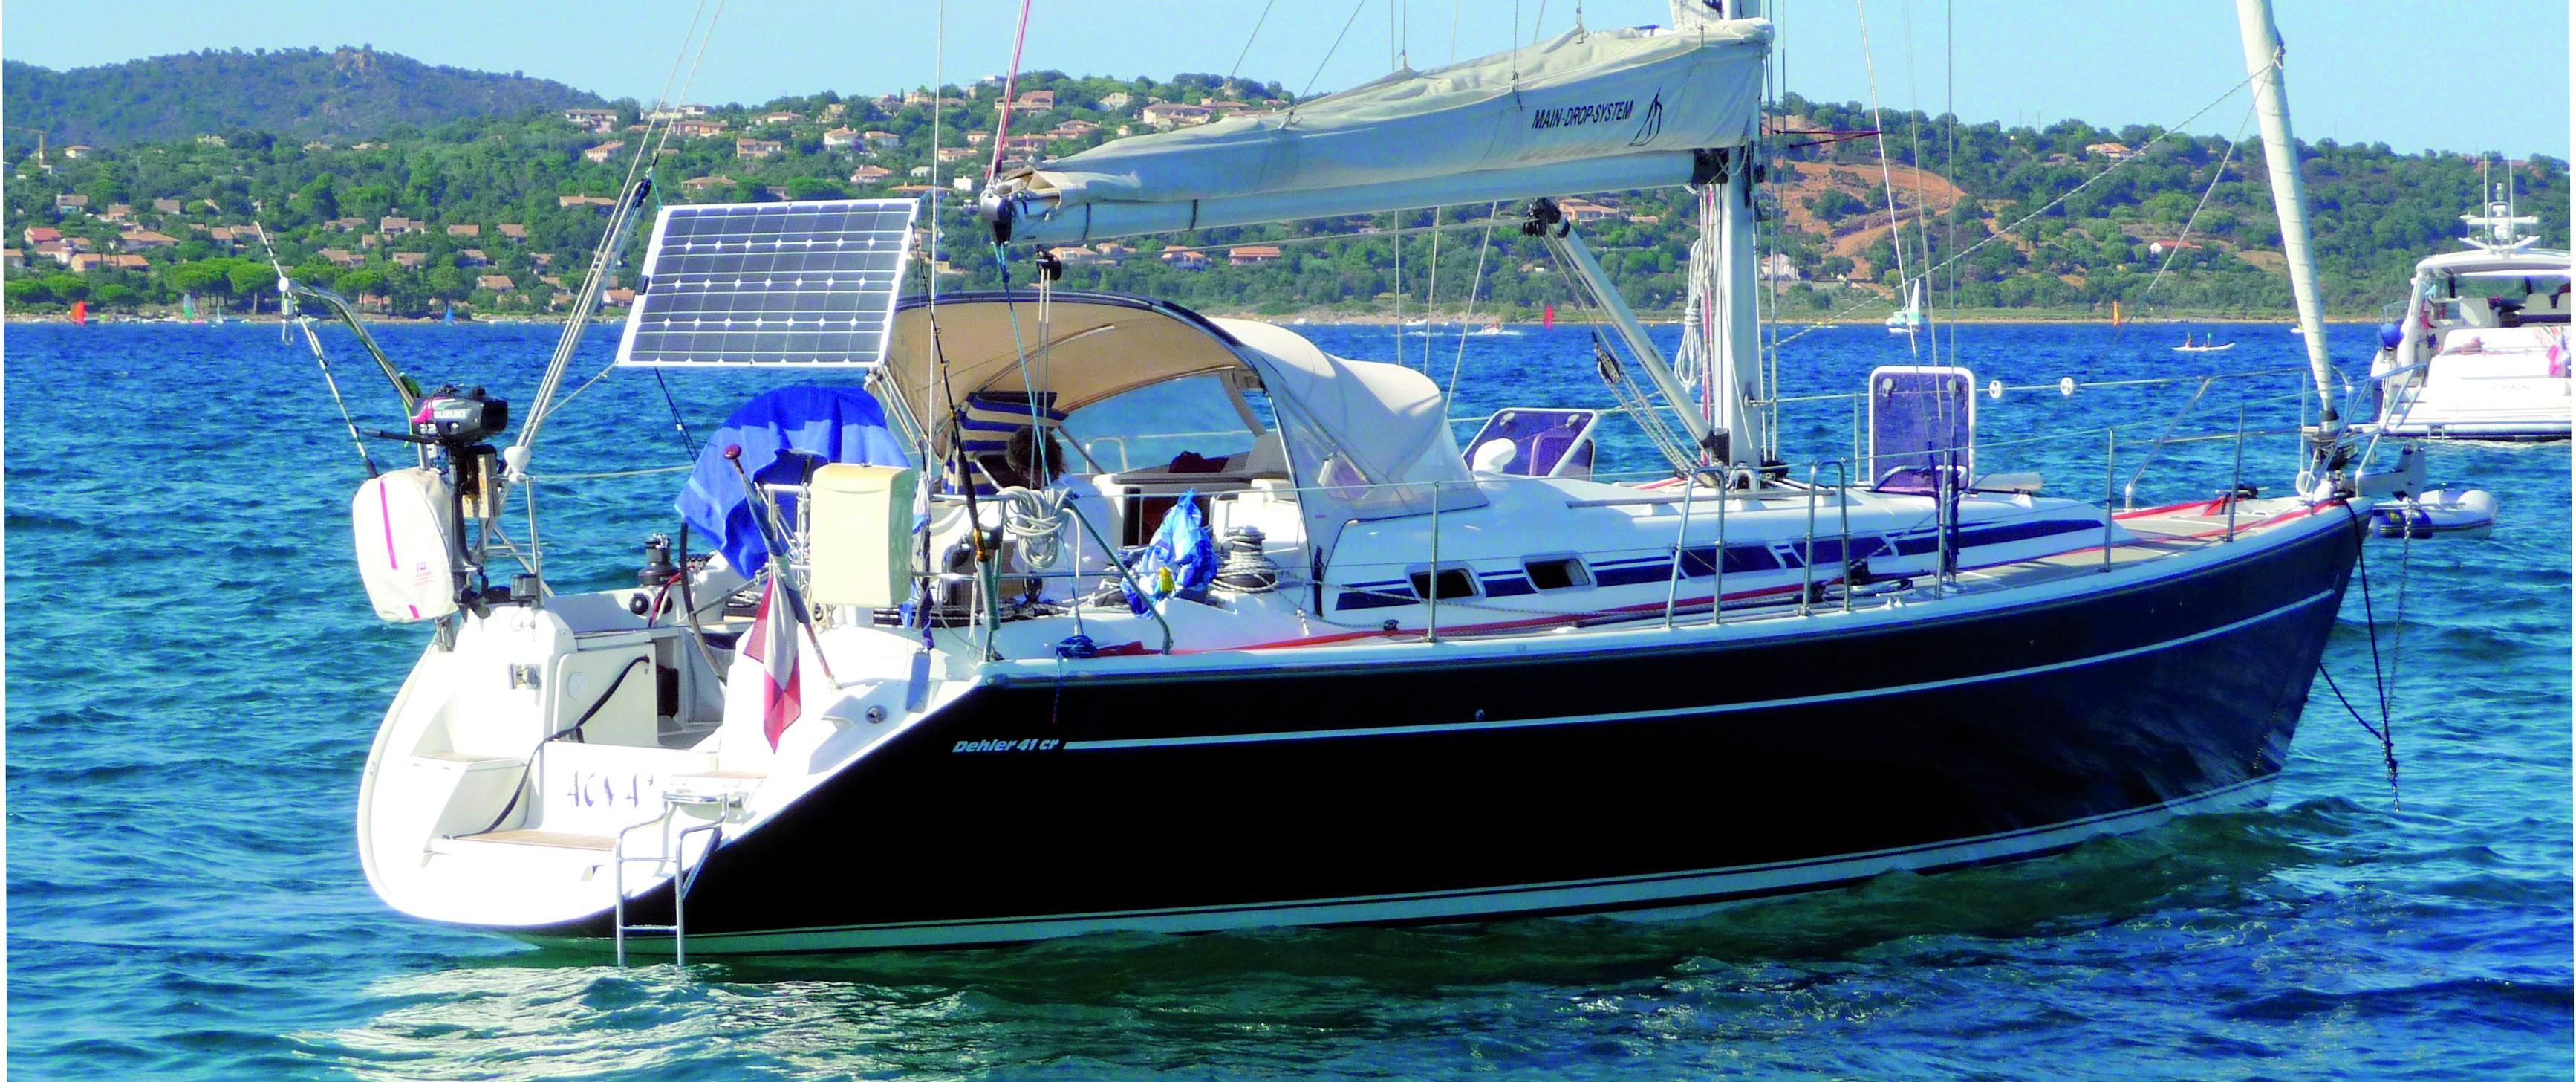 Batterie a terra mai pi i consigli del superesperto for Accessori per barca a vela